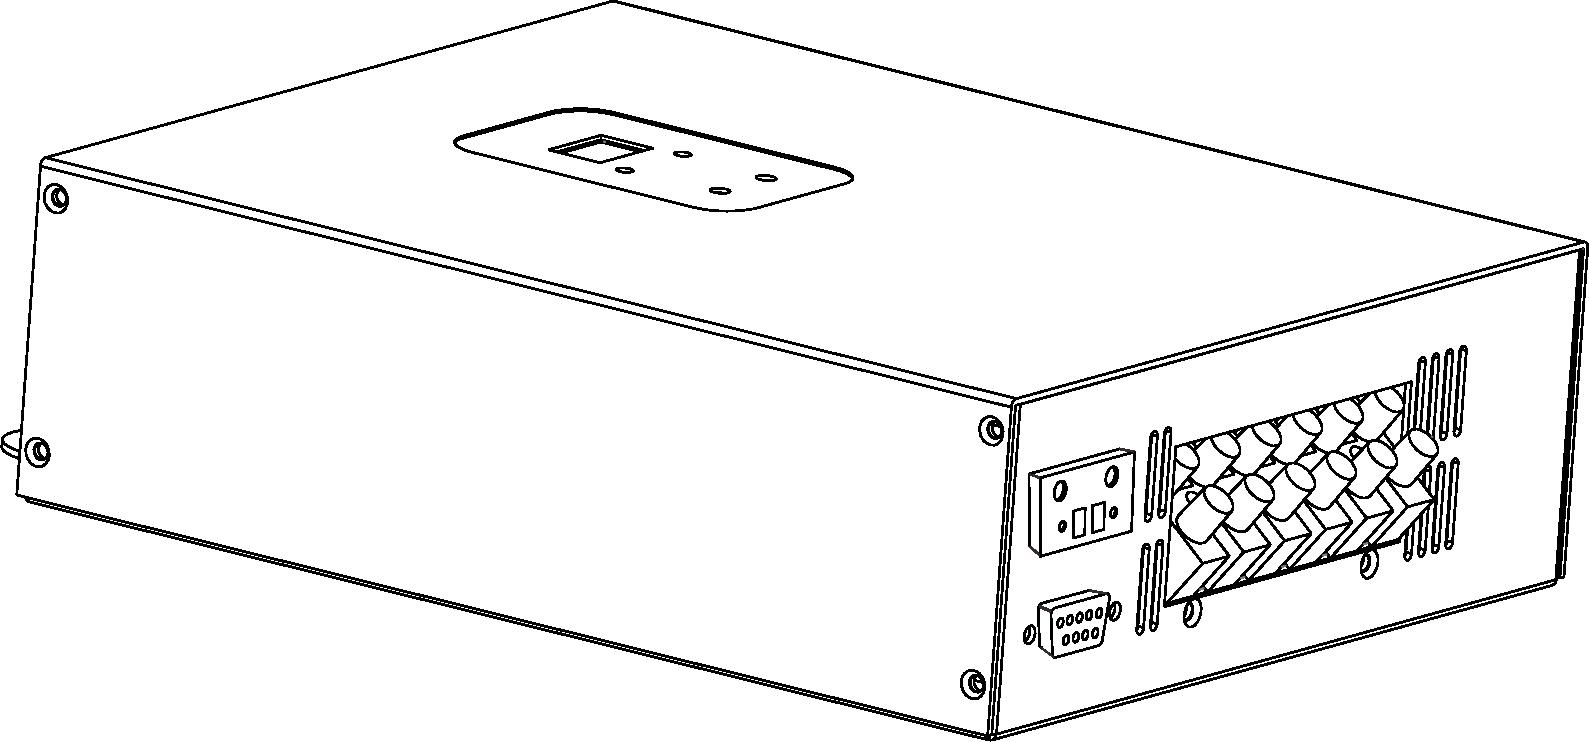 西安ug产品设计展示